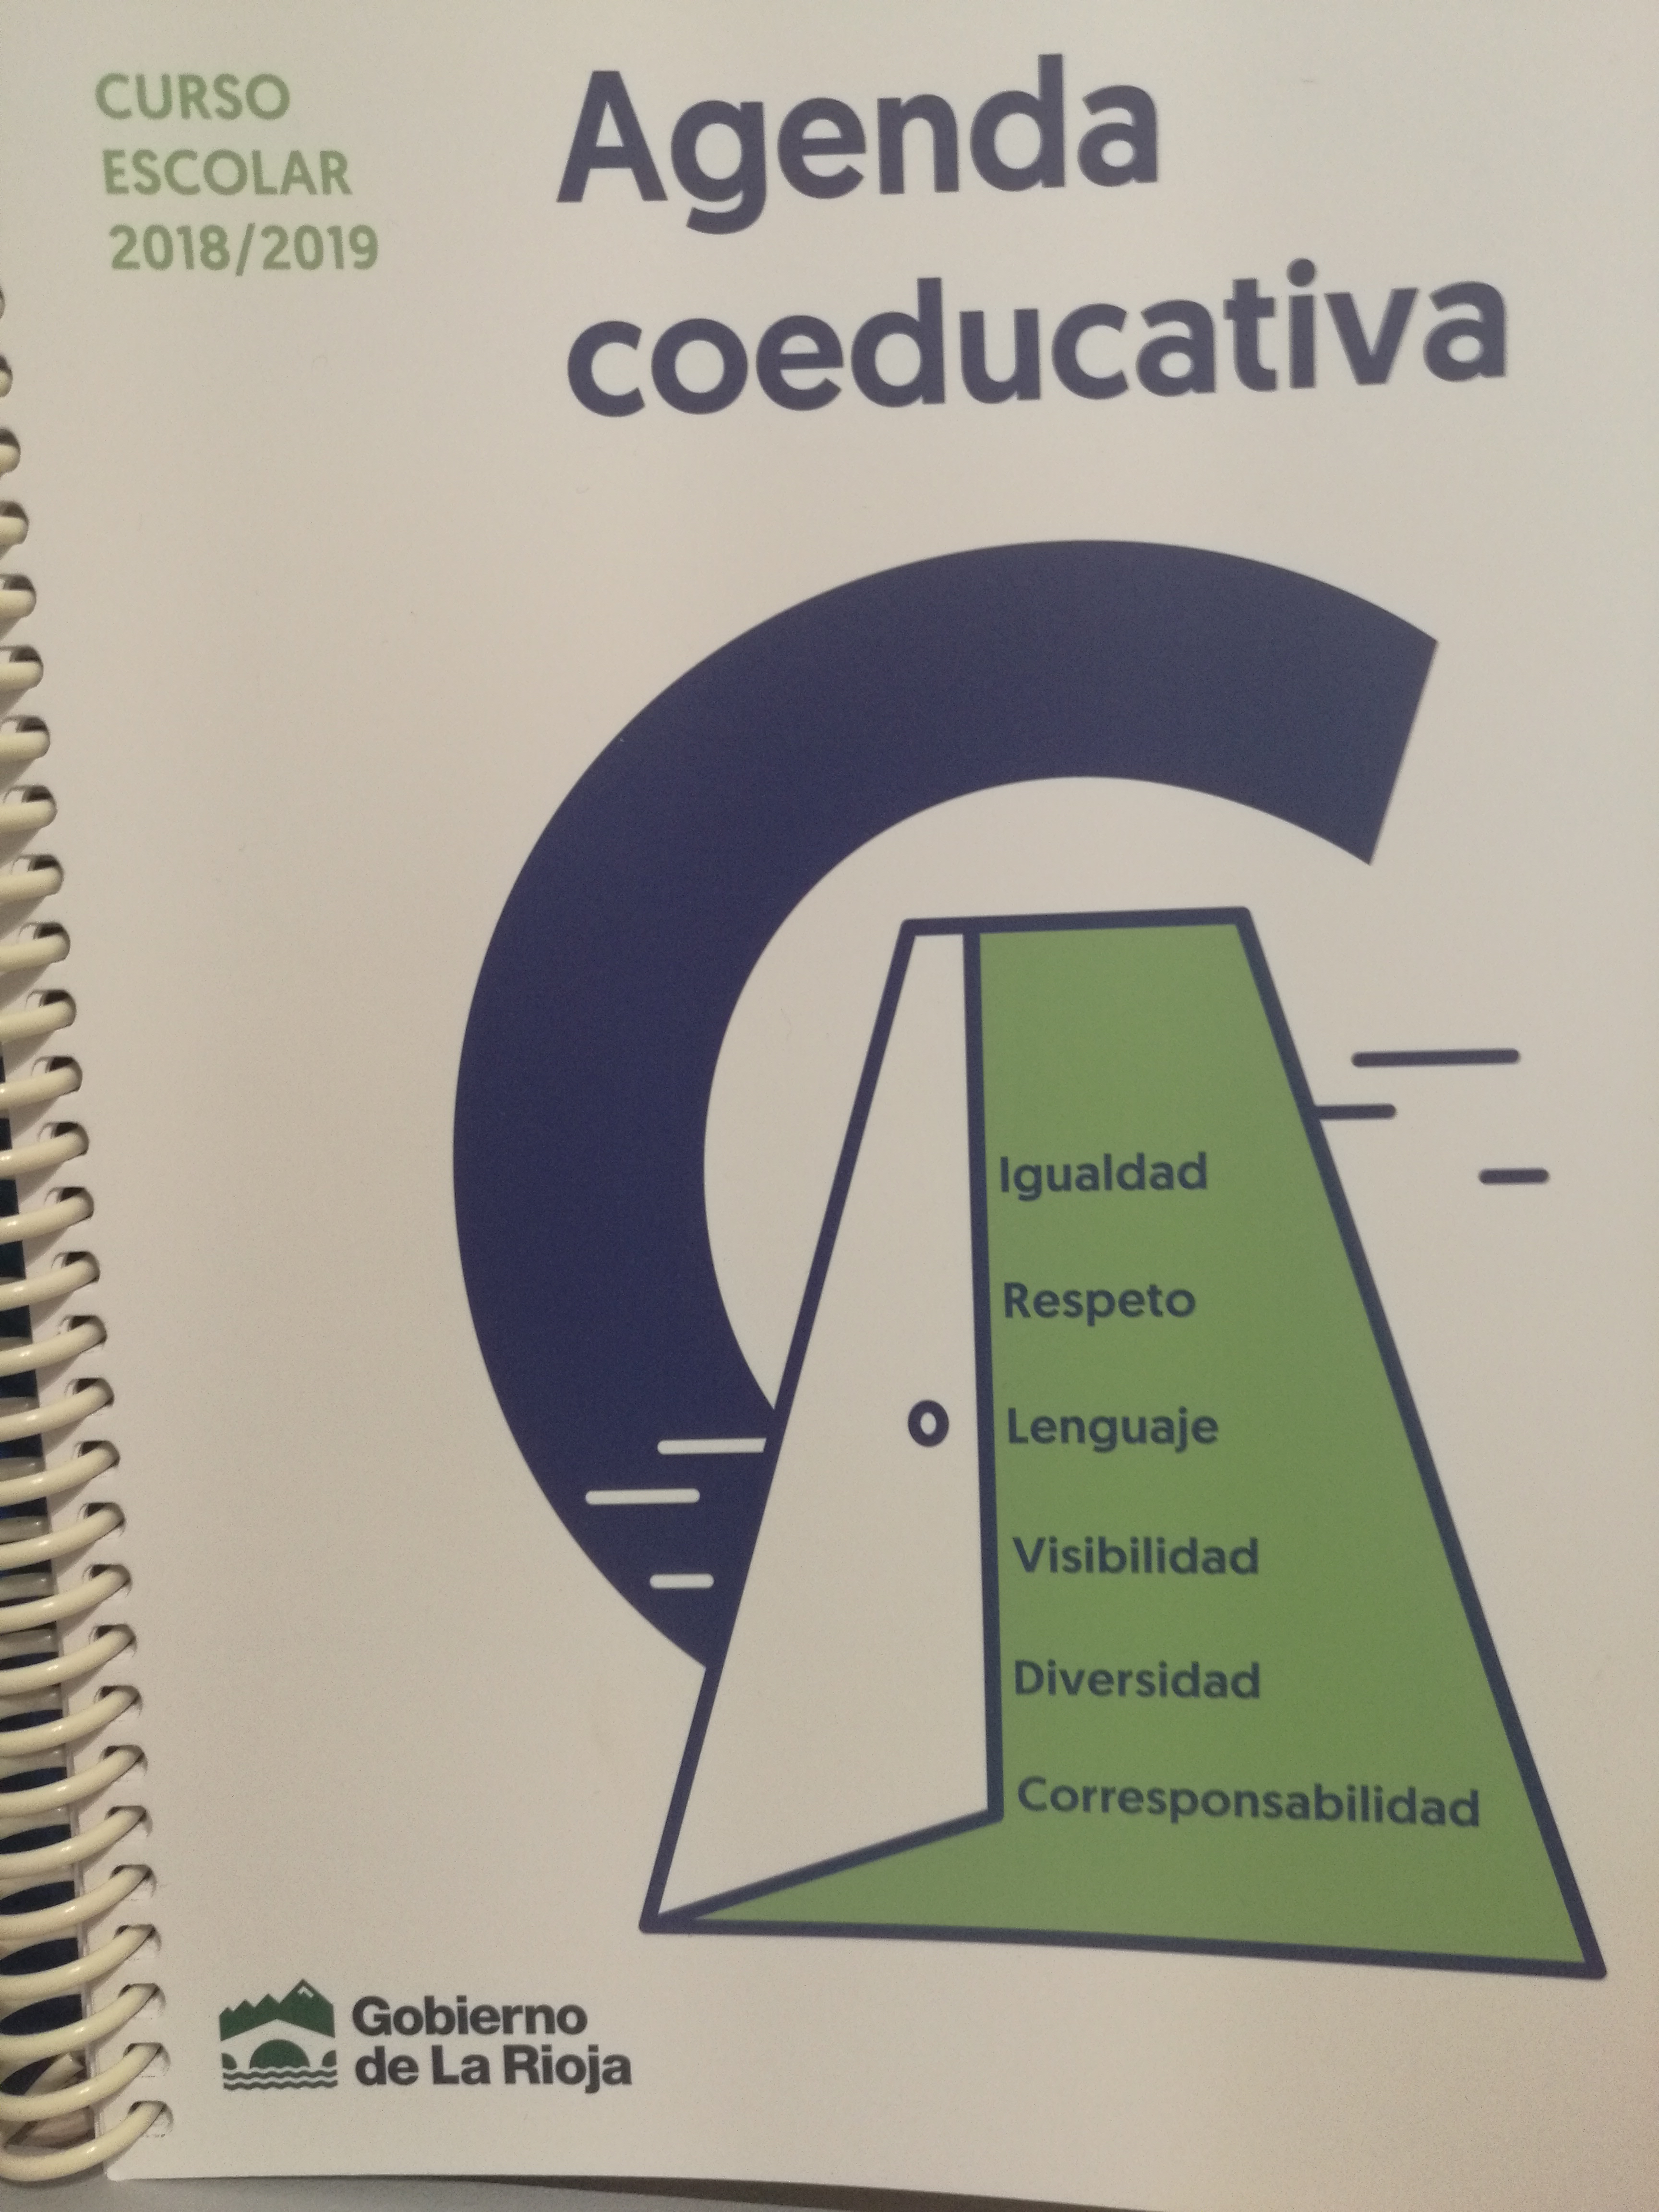 Formación y Agenda coeducativa